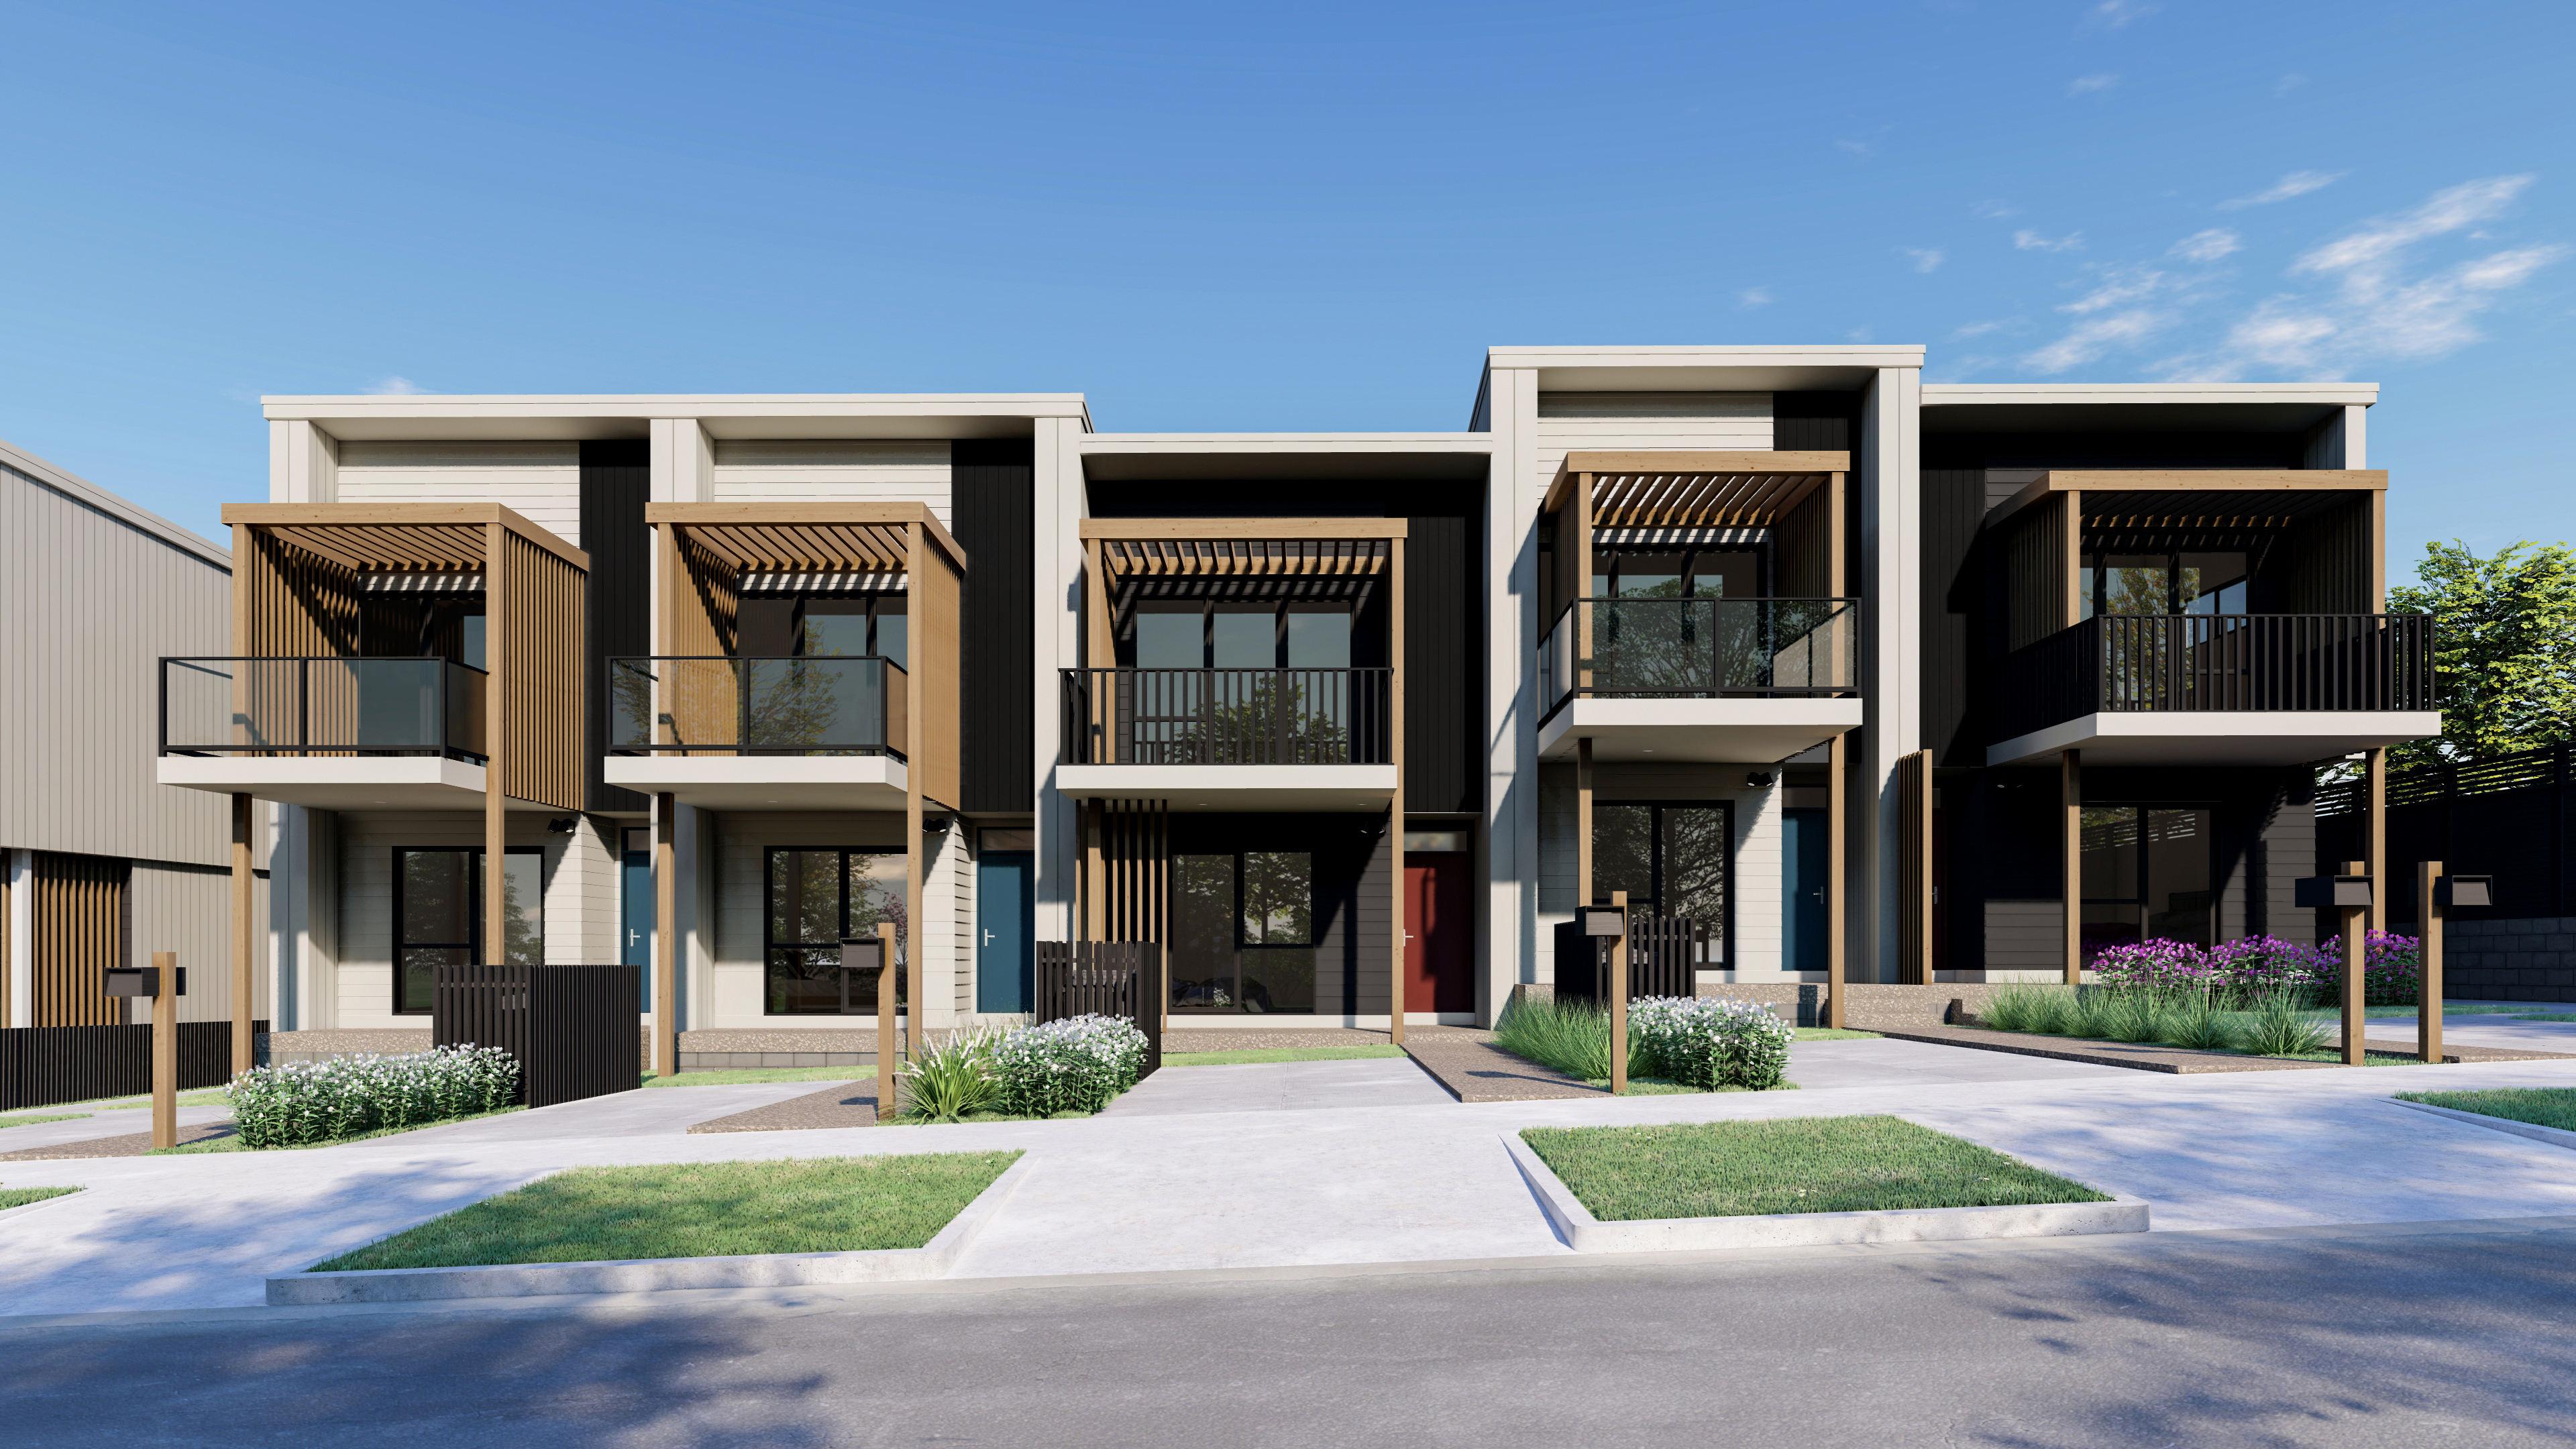 Hobsonville 2房 $60万起/惬意户型/小院和阳台/醇熟社区/便利生活/ 价格可负担/轻松上高速